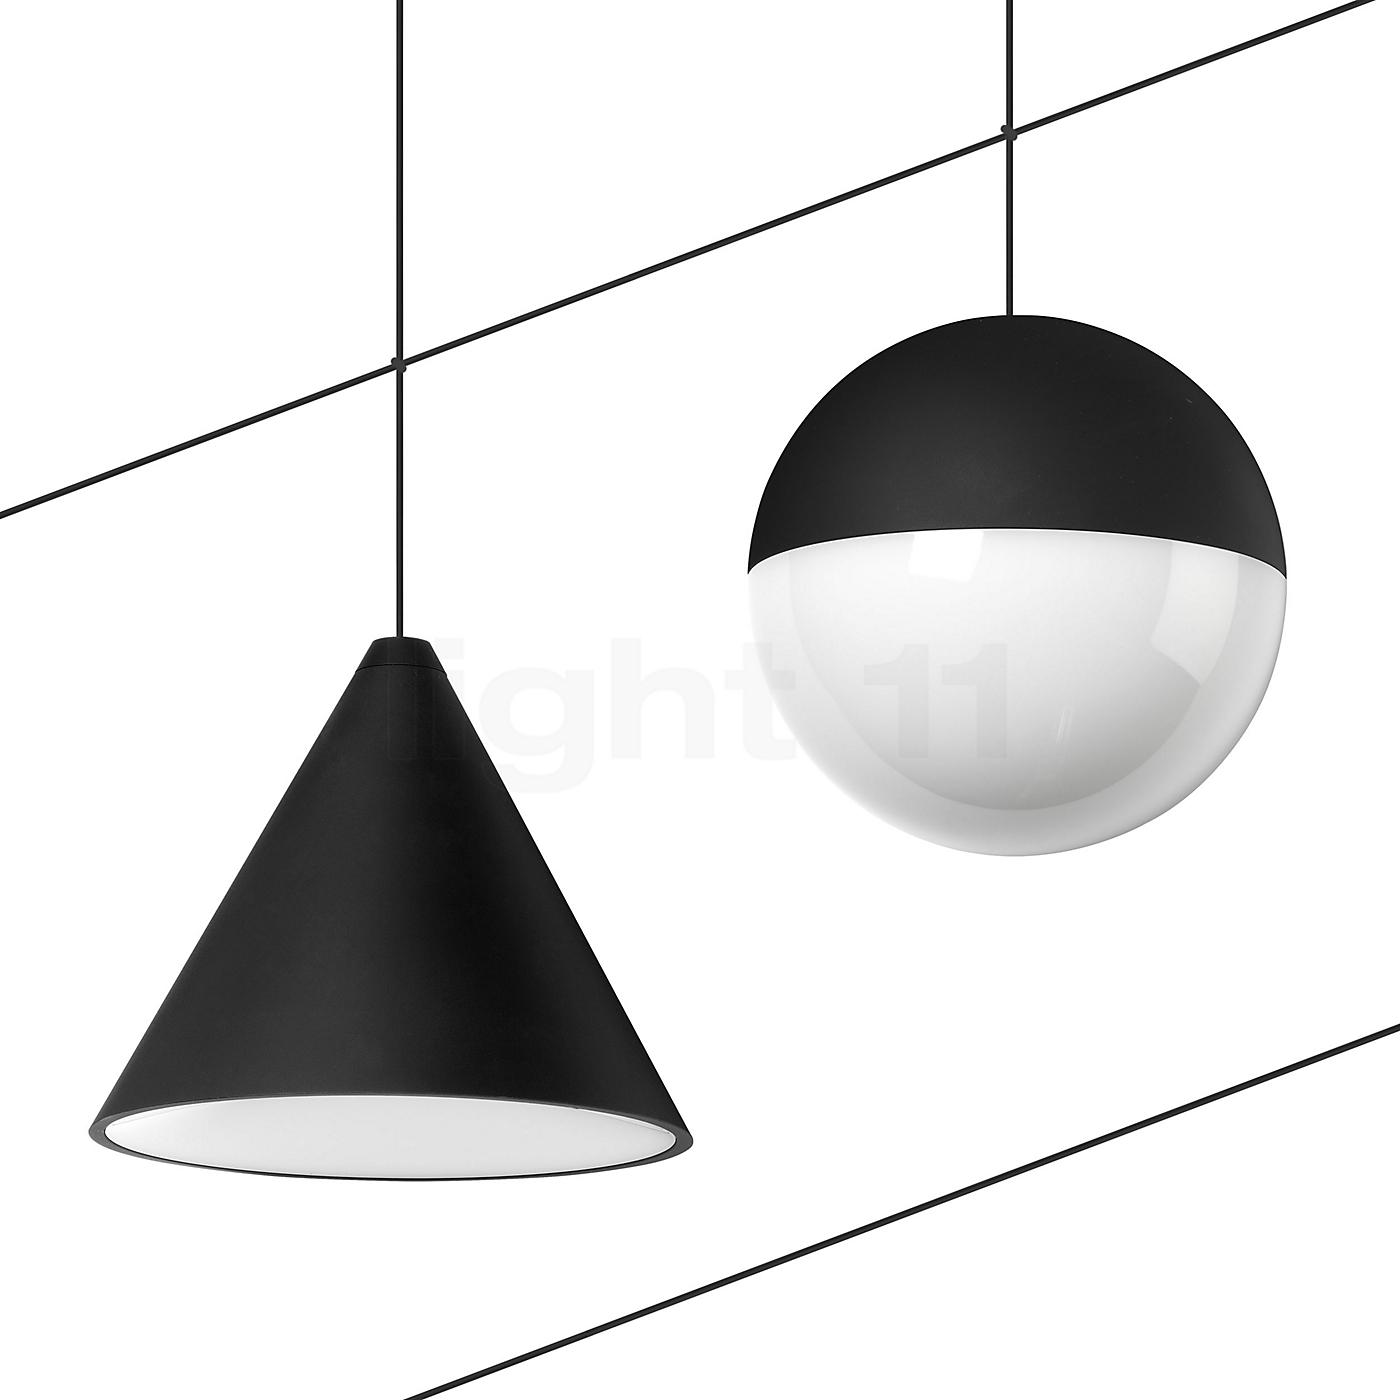 flos string light pendelleuchte kaufen bei. Black Bedroom Furniture Sets. Home Design Ideas